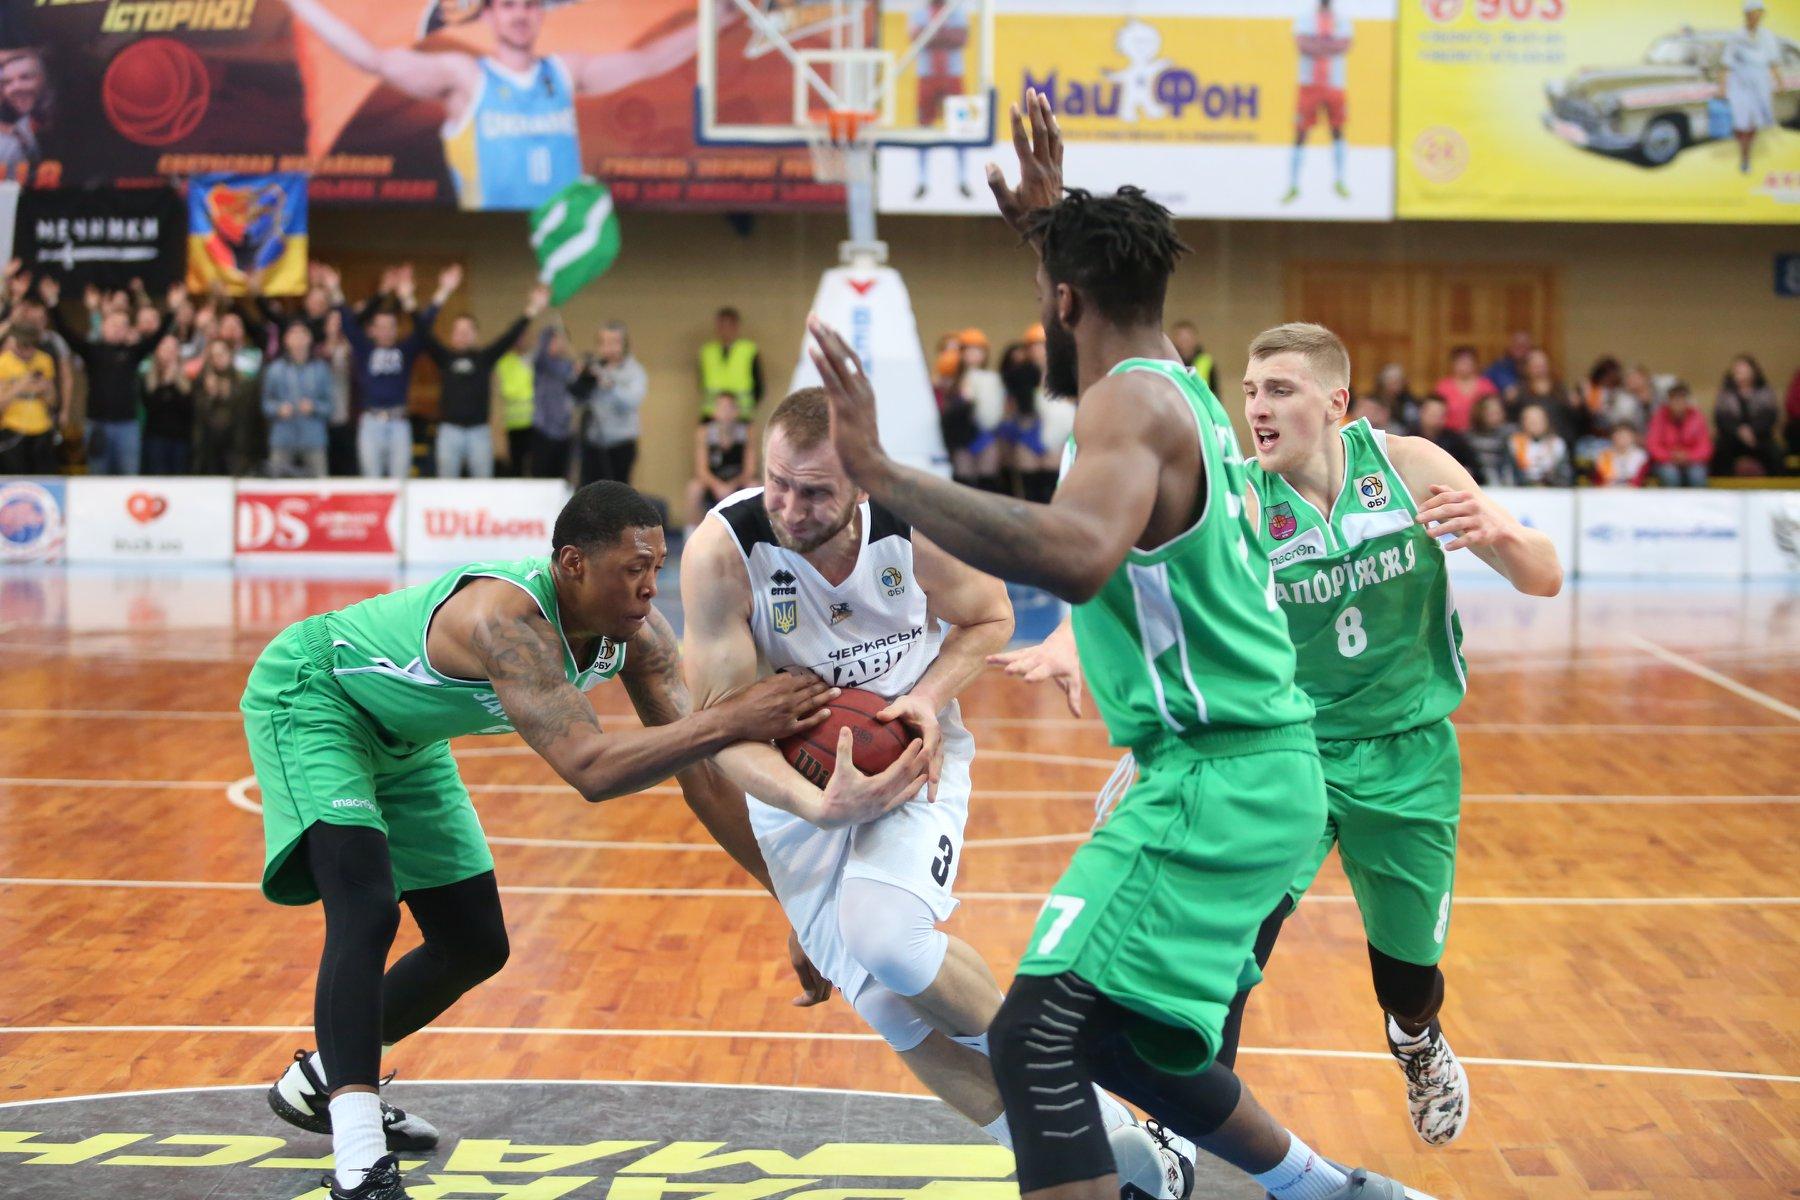 Запорожские баскетболисты собираются взять реванш и вырвать путевку в полуфинал Суперлиги